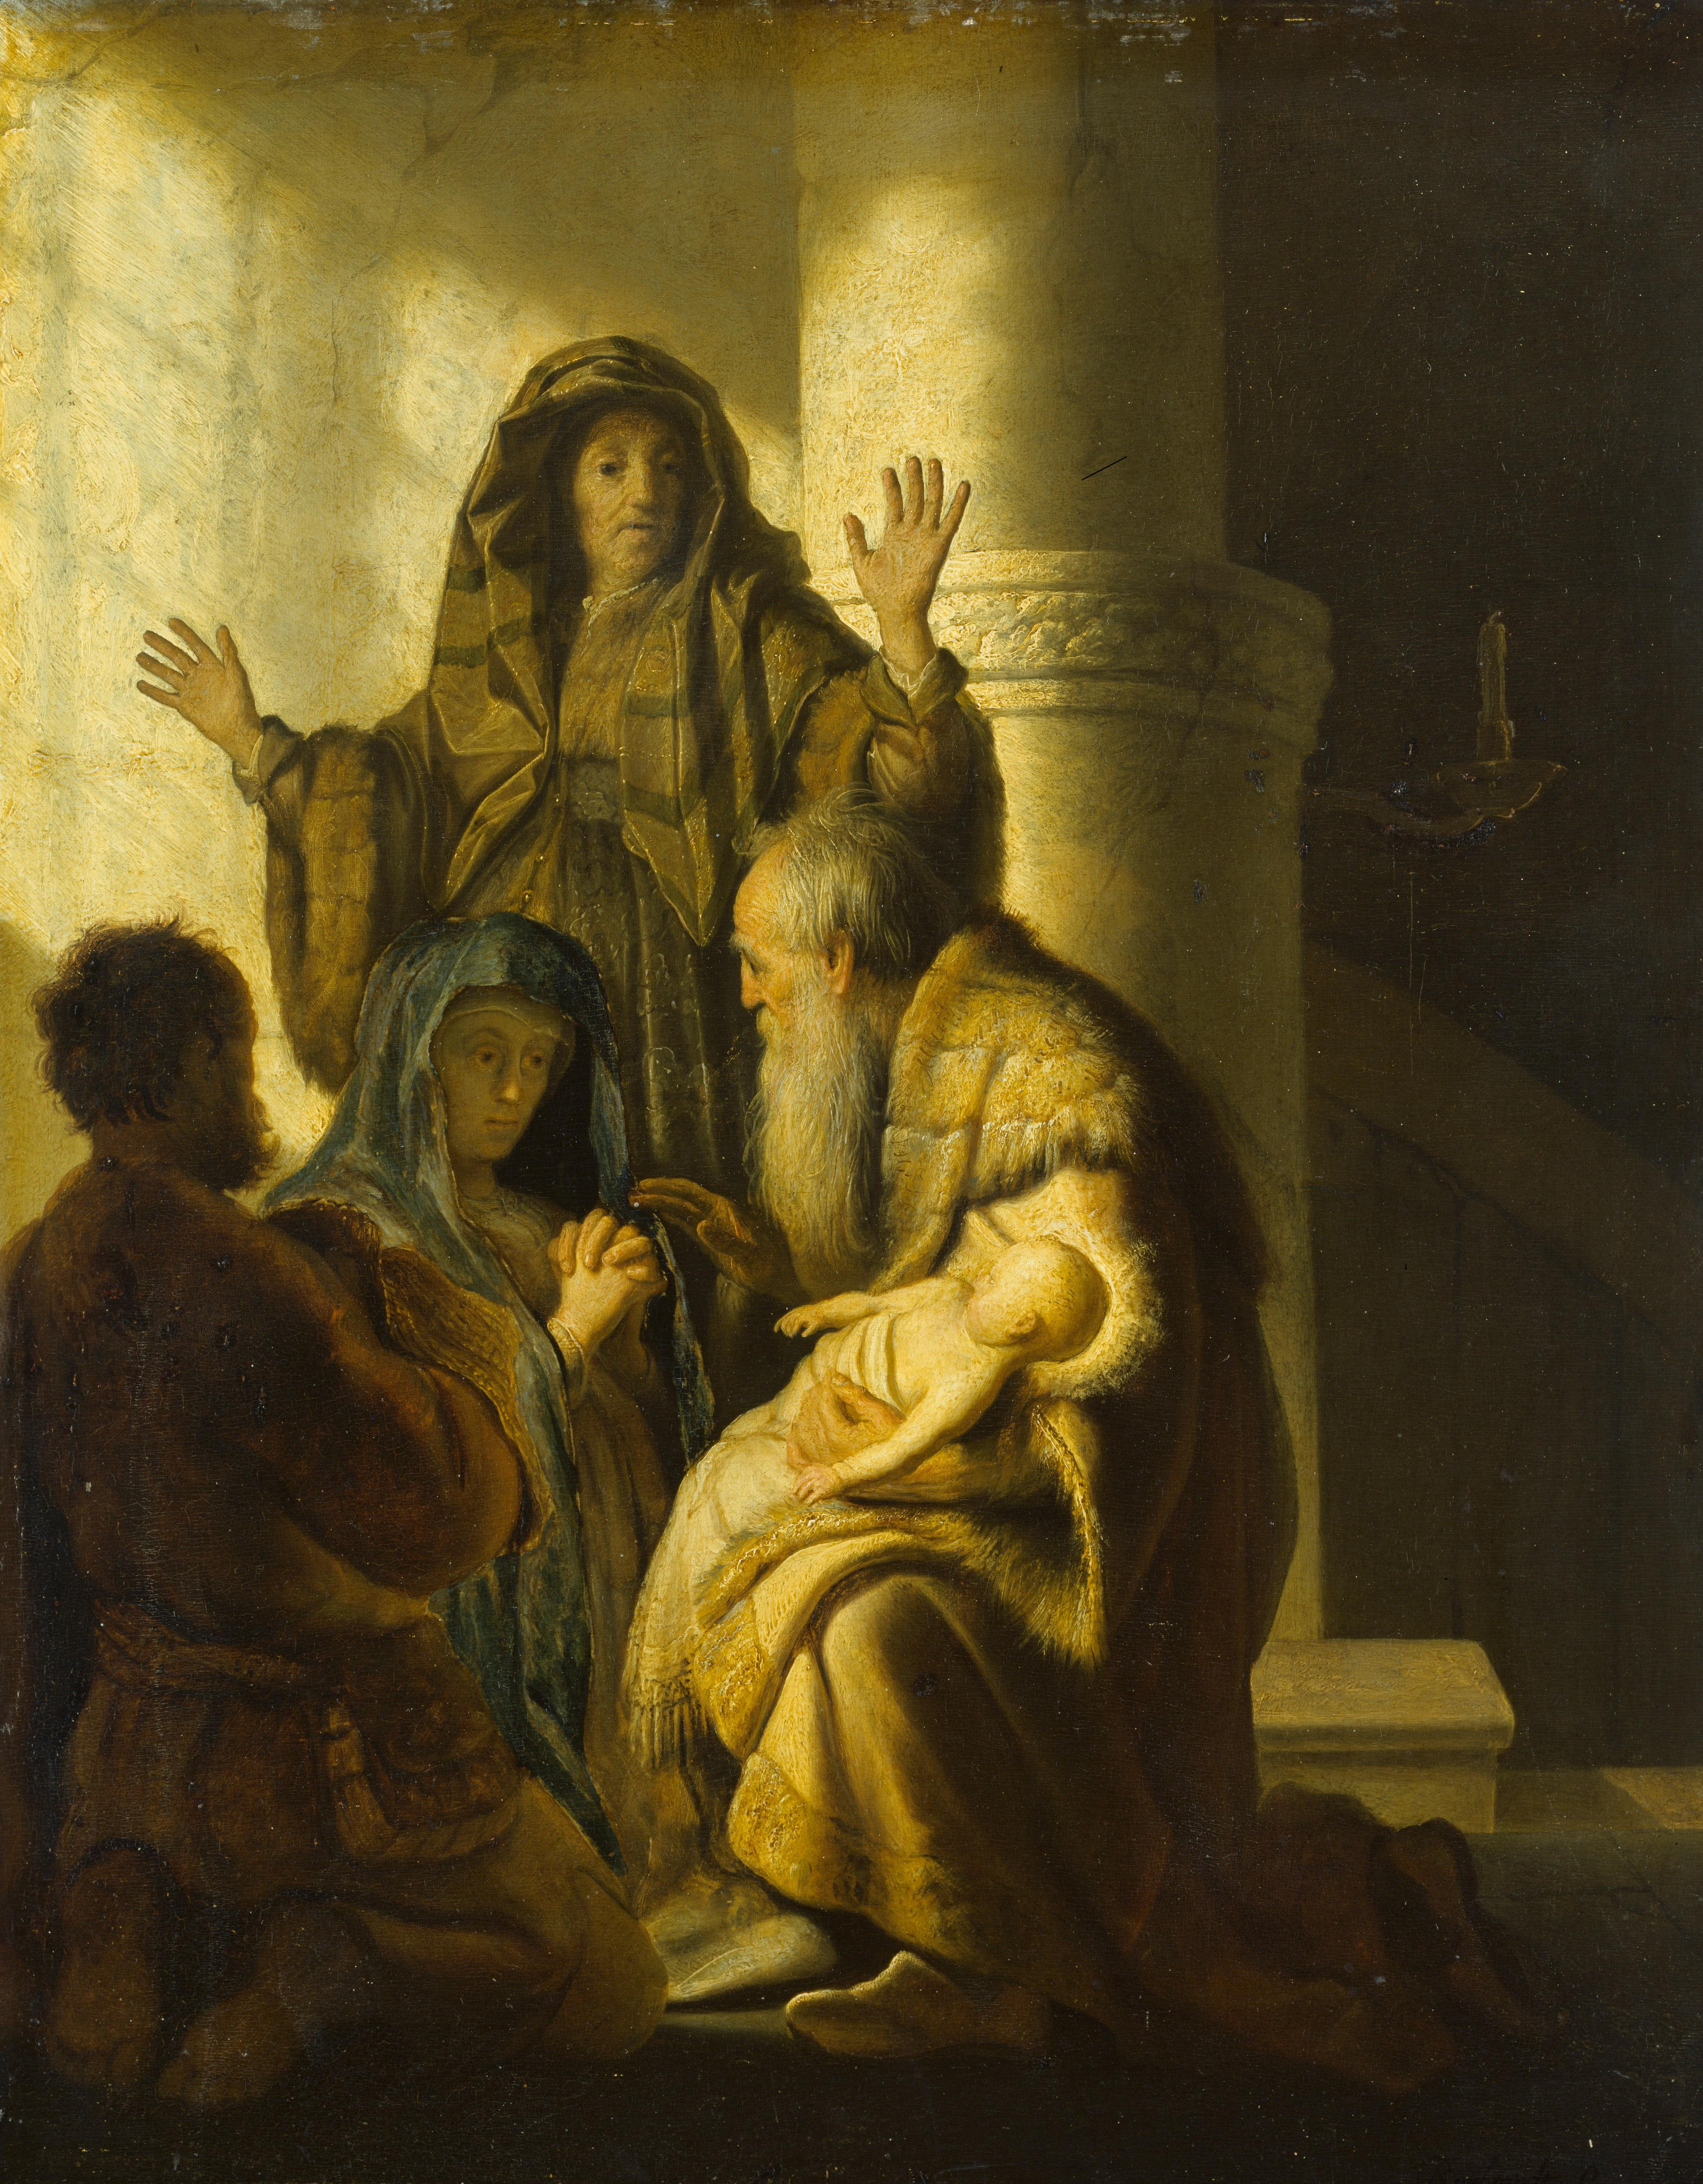 Rembrandt: Simeon und Hanna im Tempel, 1627 ©Hamburger Kunsthalle/bpk, Foto: Elke Walford